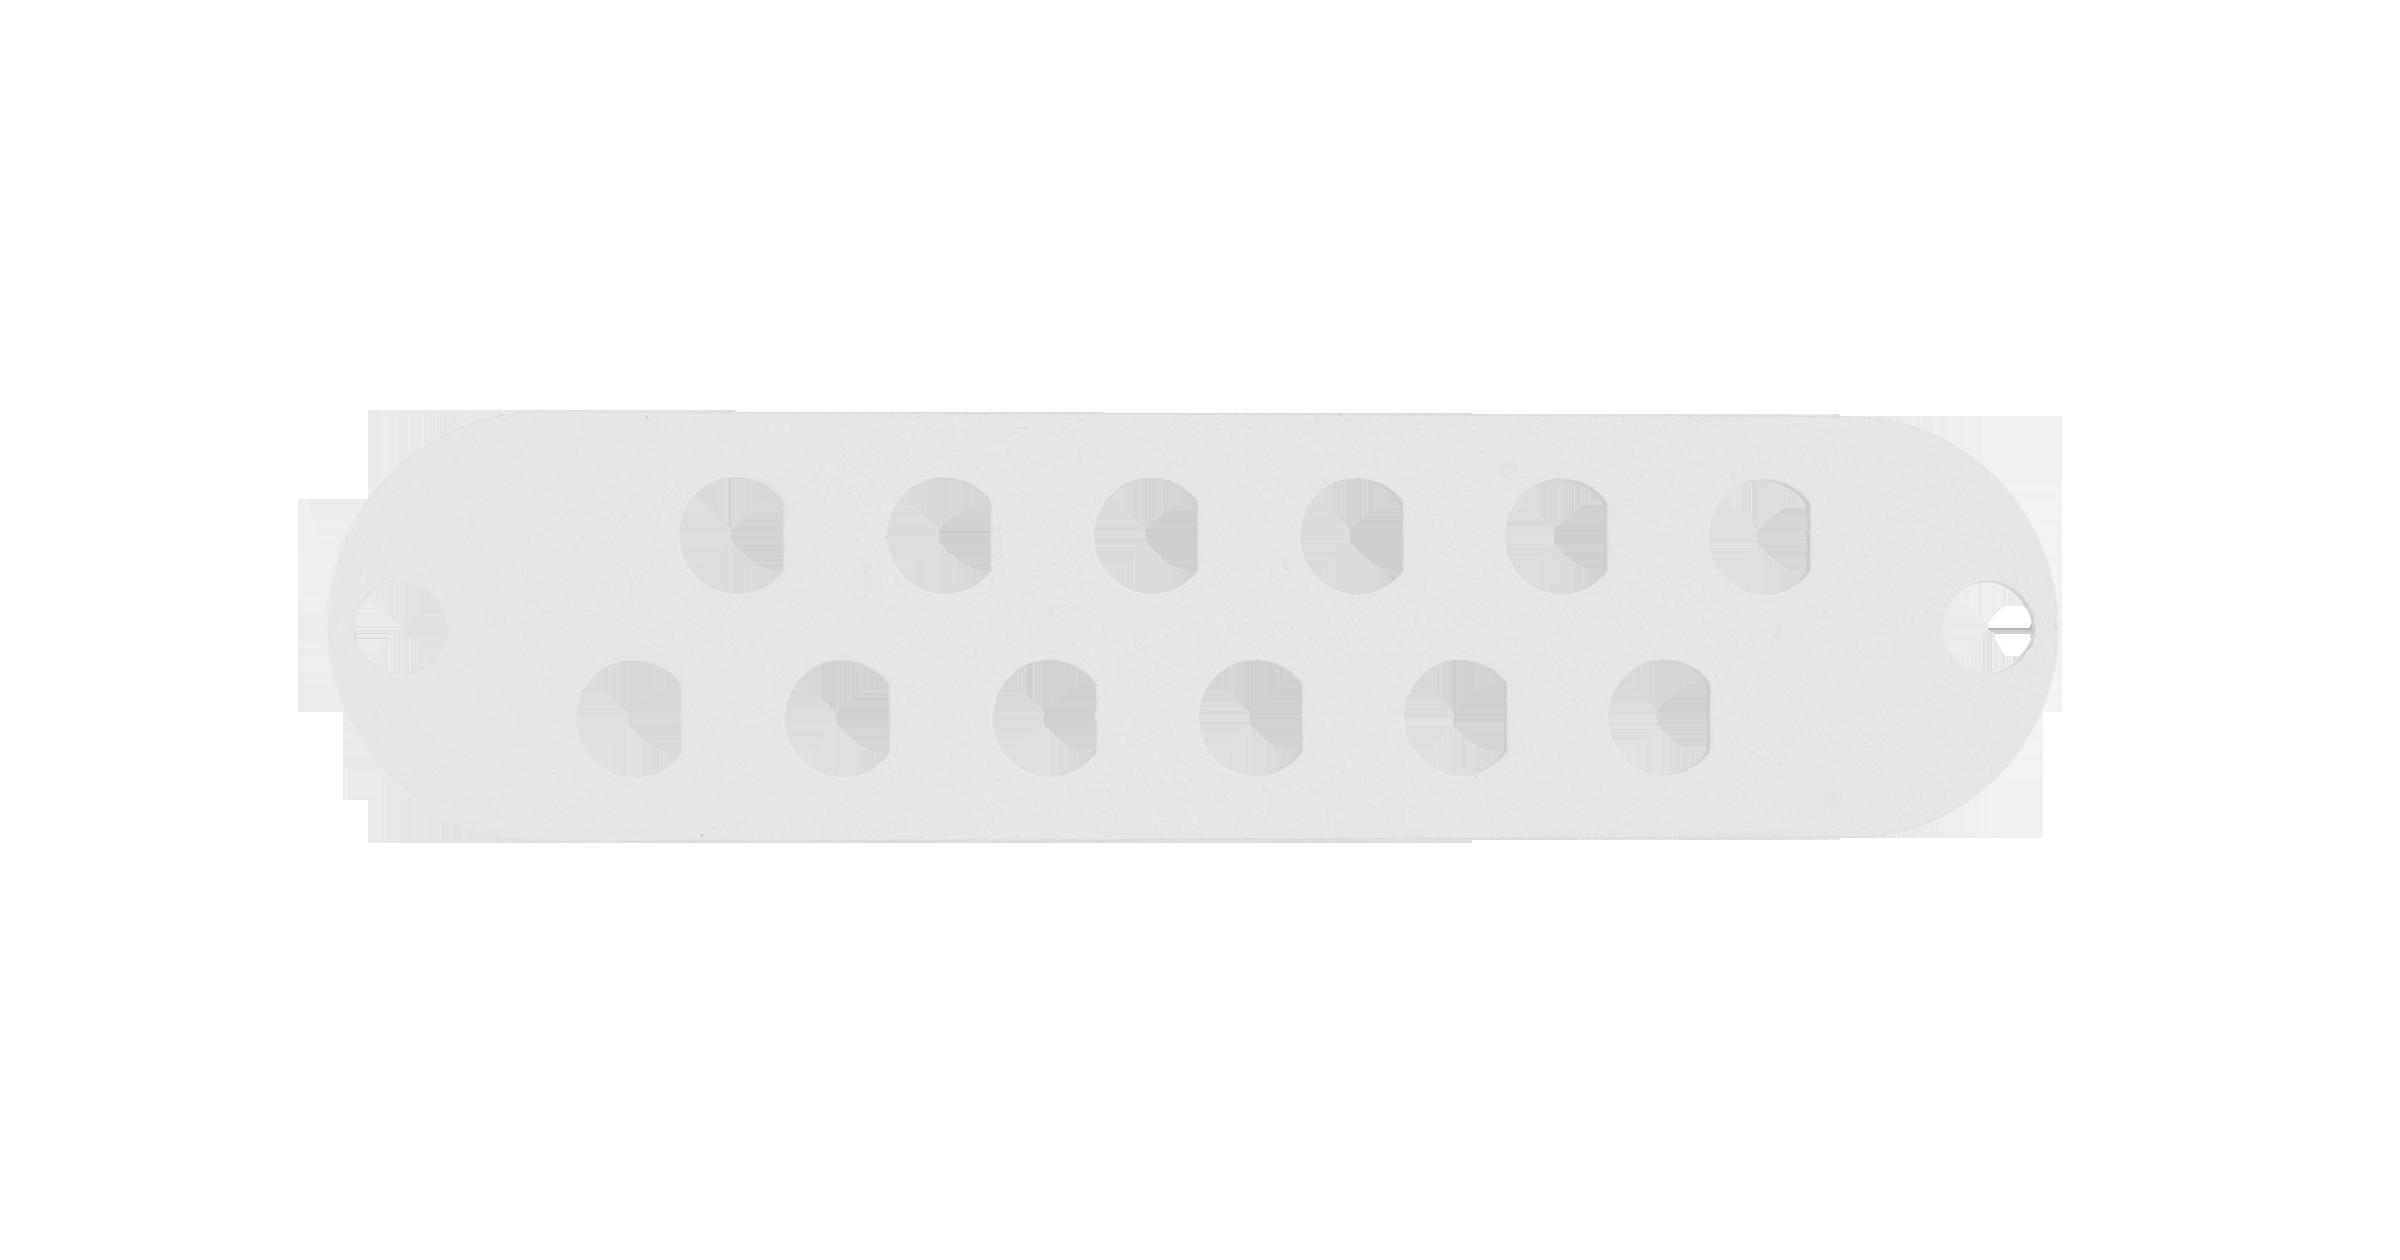 Адаптерная панель NIKOMAX TFI, до 12 одинарных адаптеров FC / одинарных адаптеров ST, стальная, серая